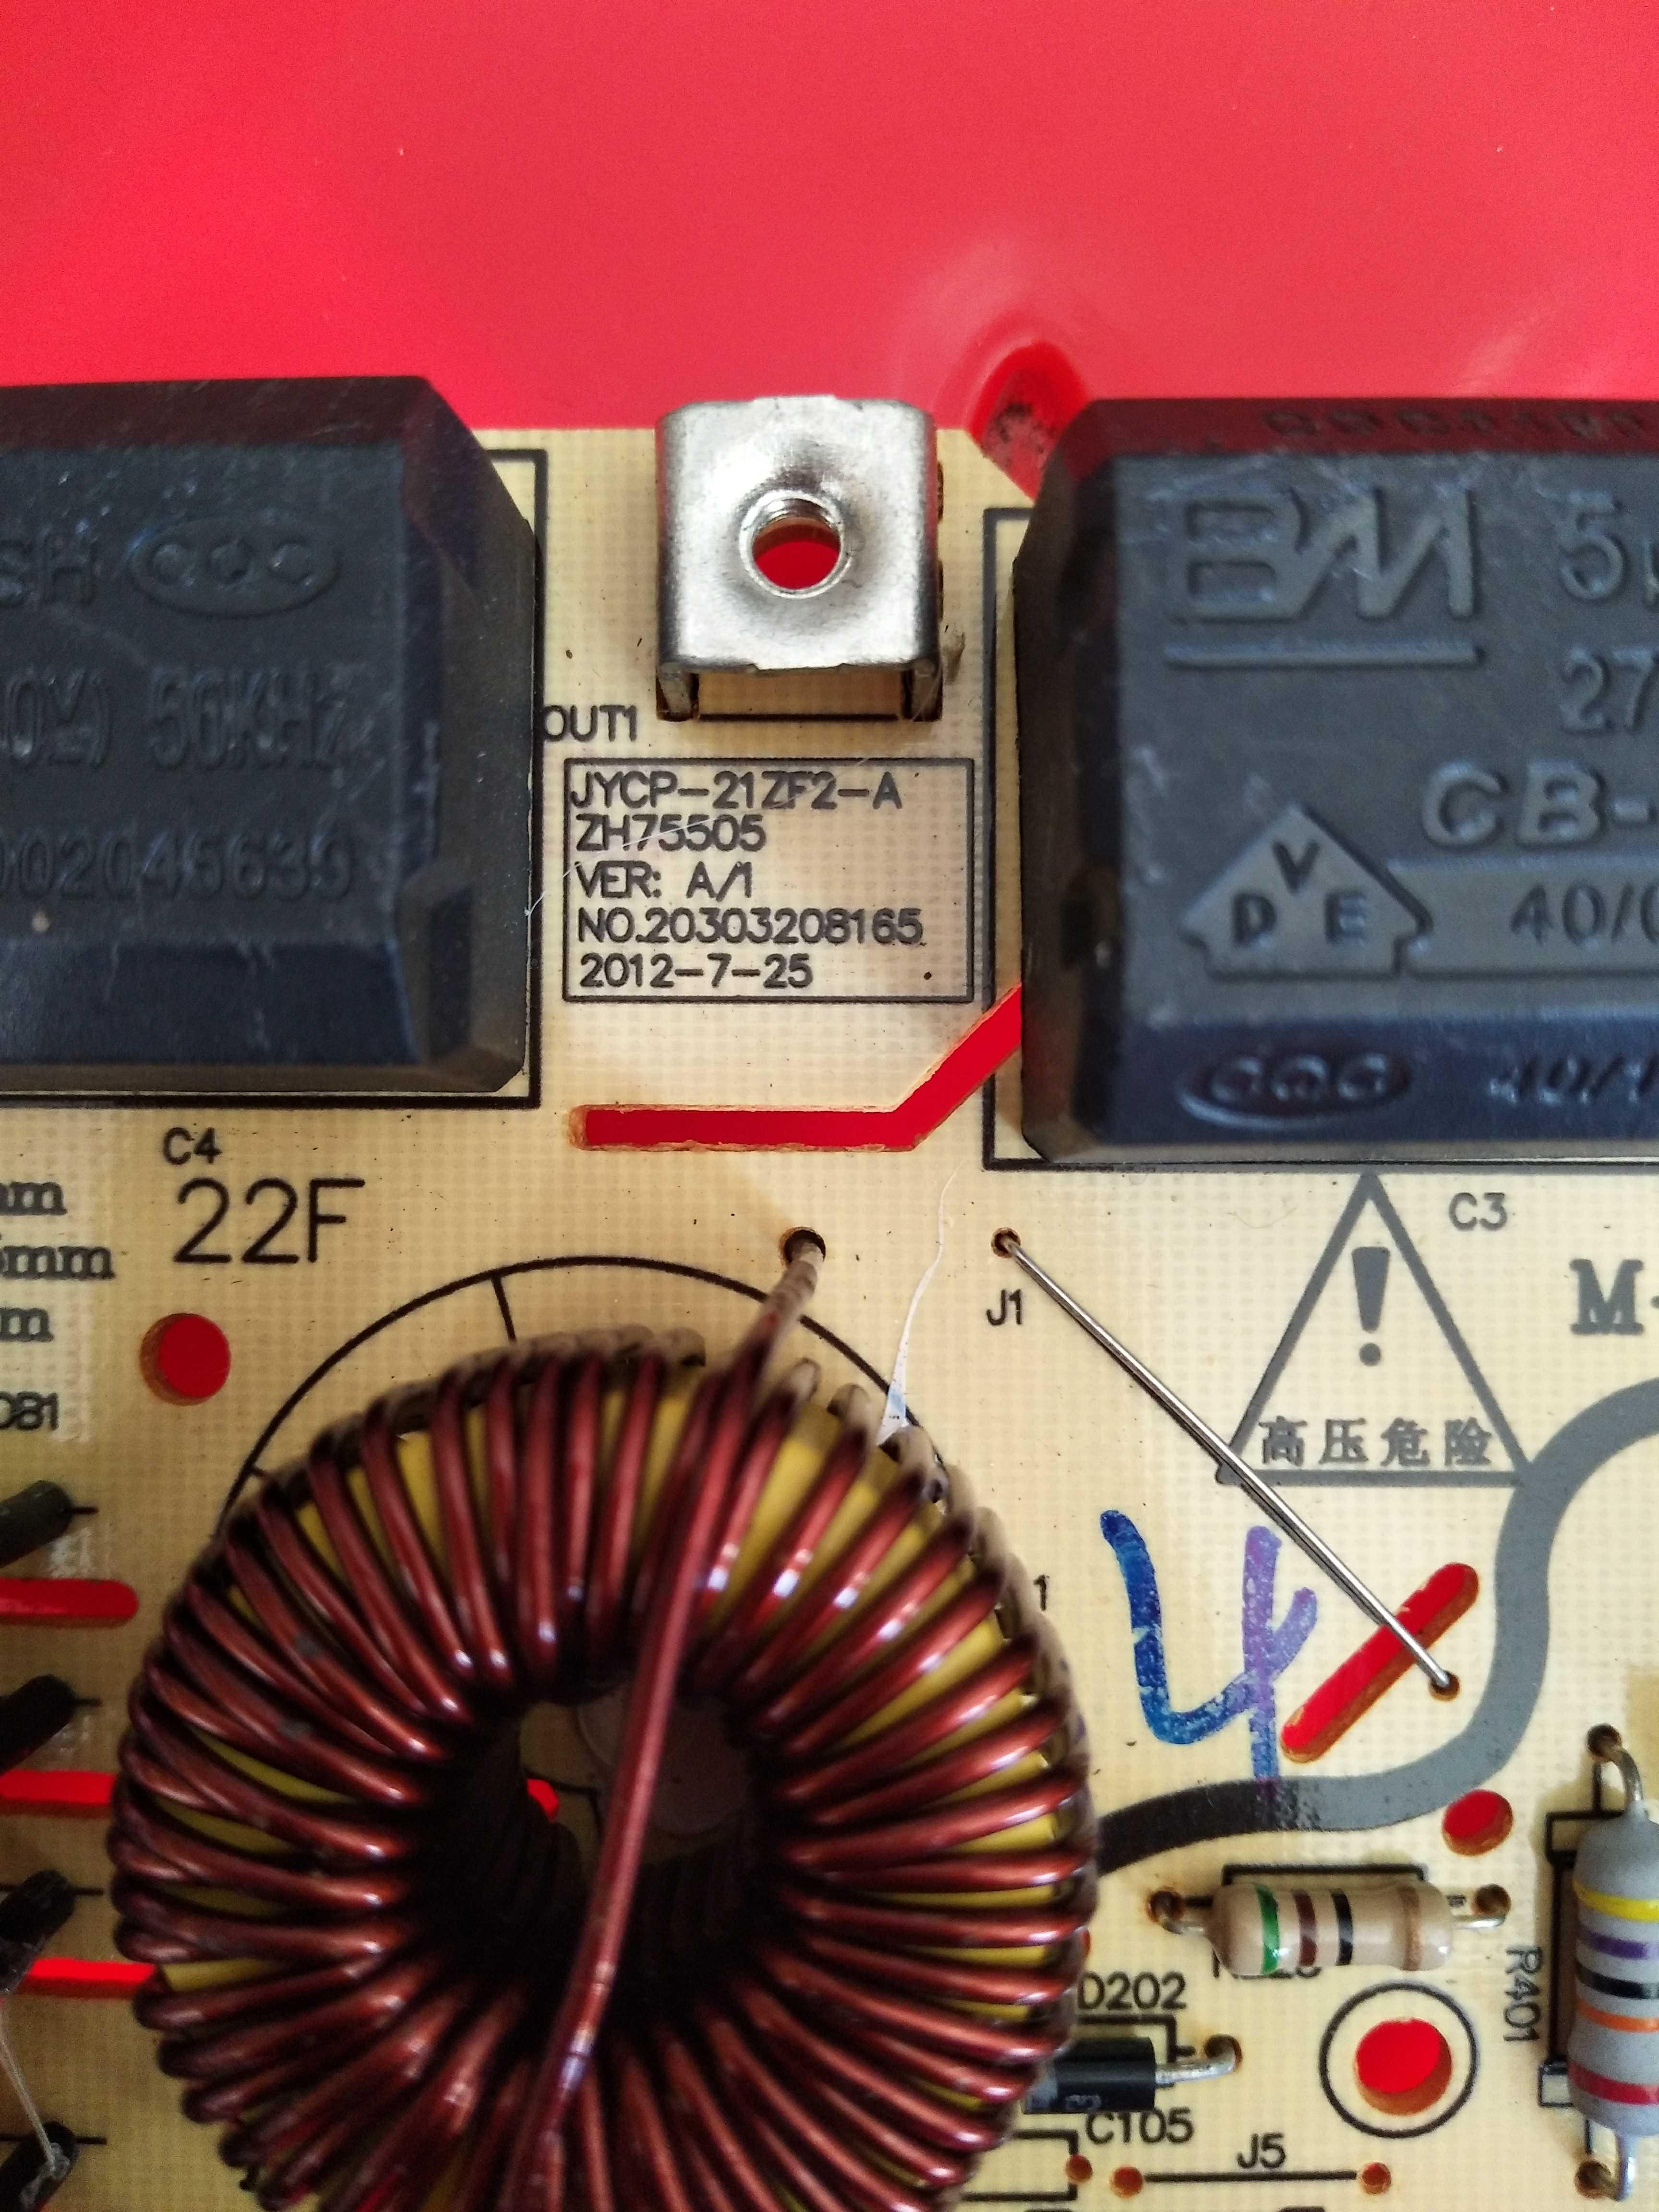 九阳电磁炉主板JYC-21FS37     21GS02 控制板 电路板全新主板